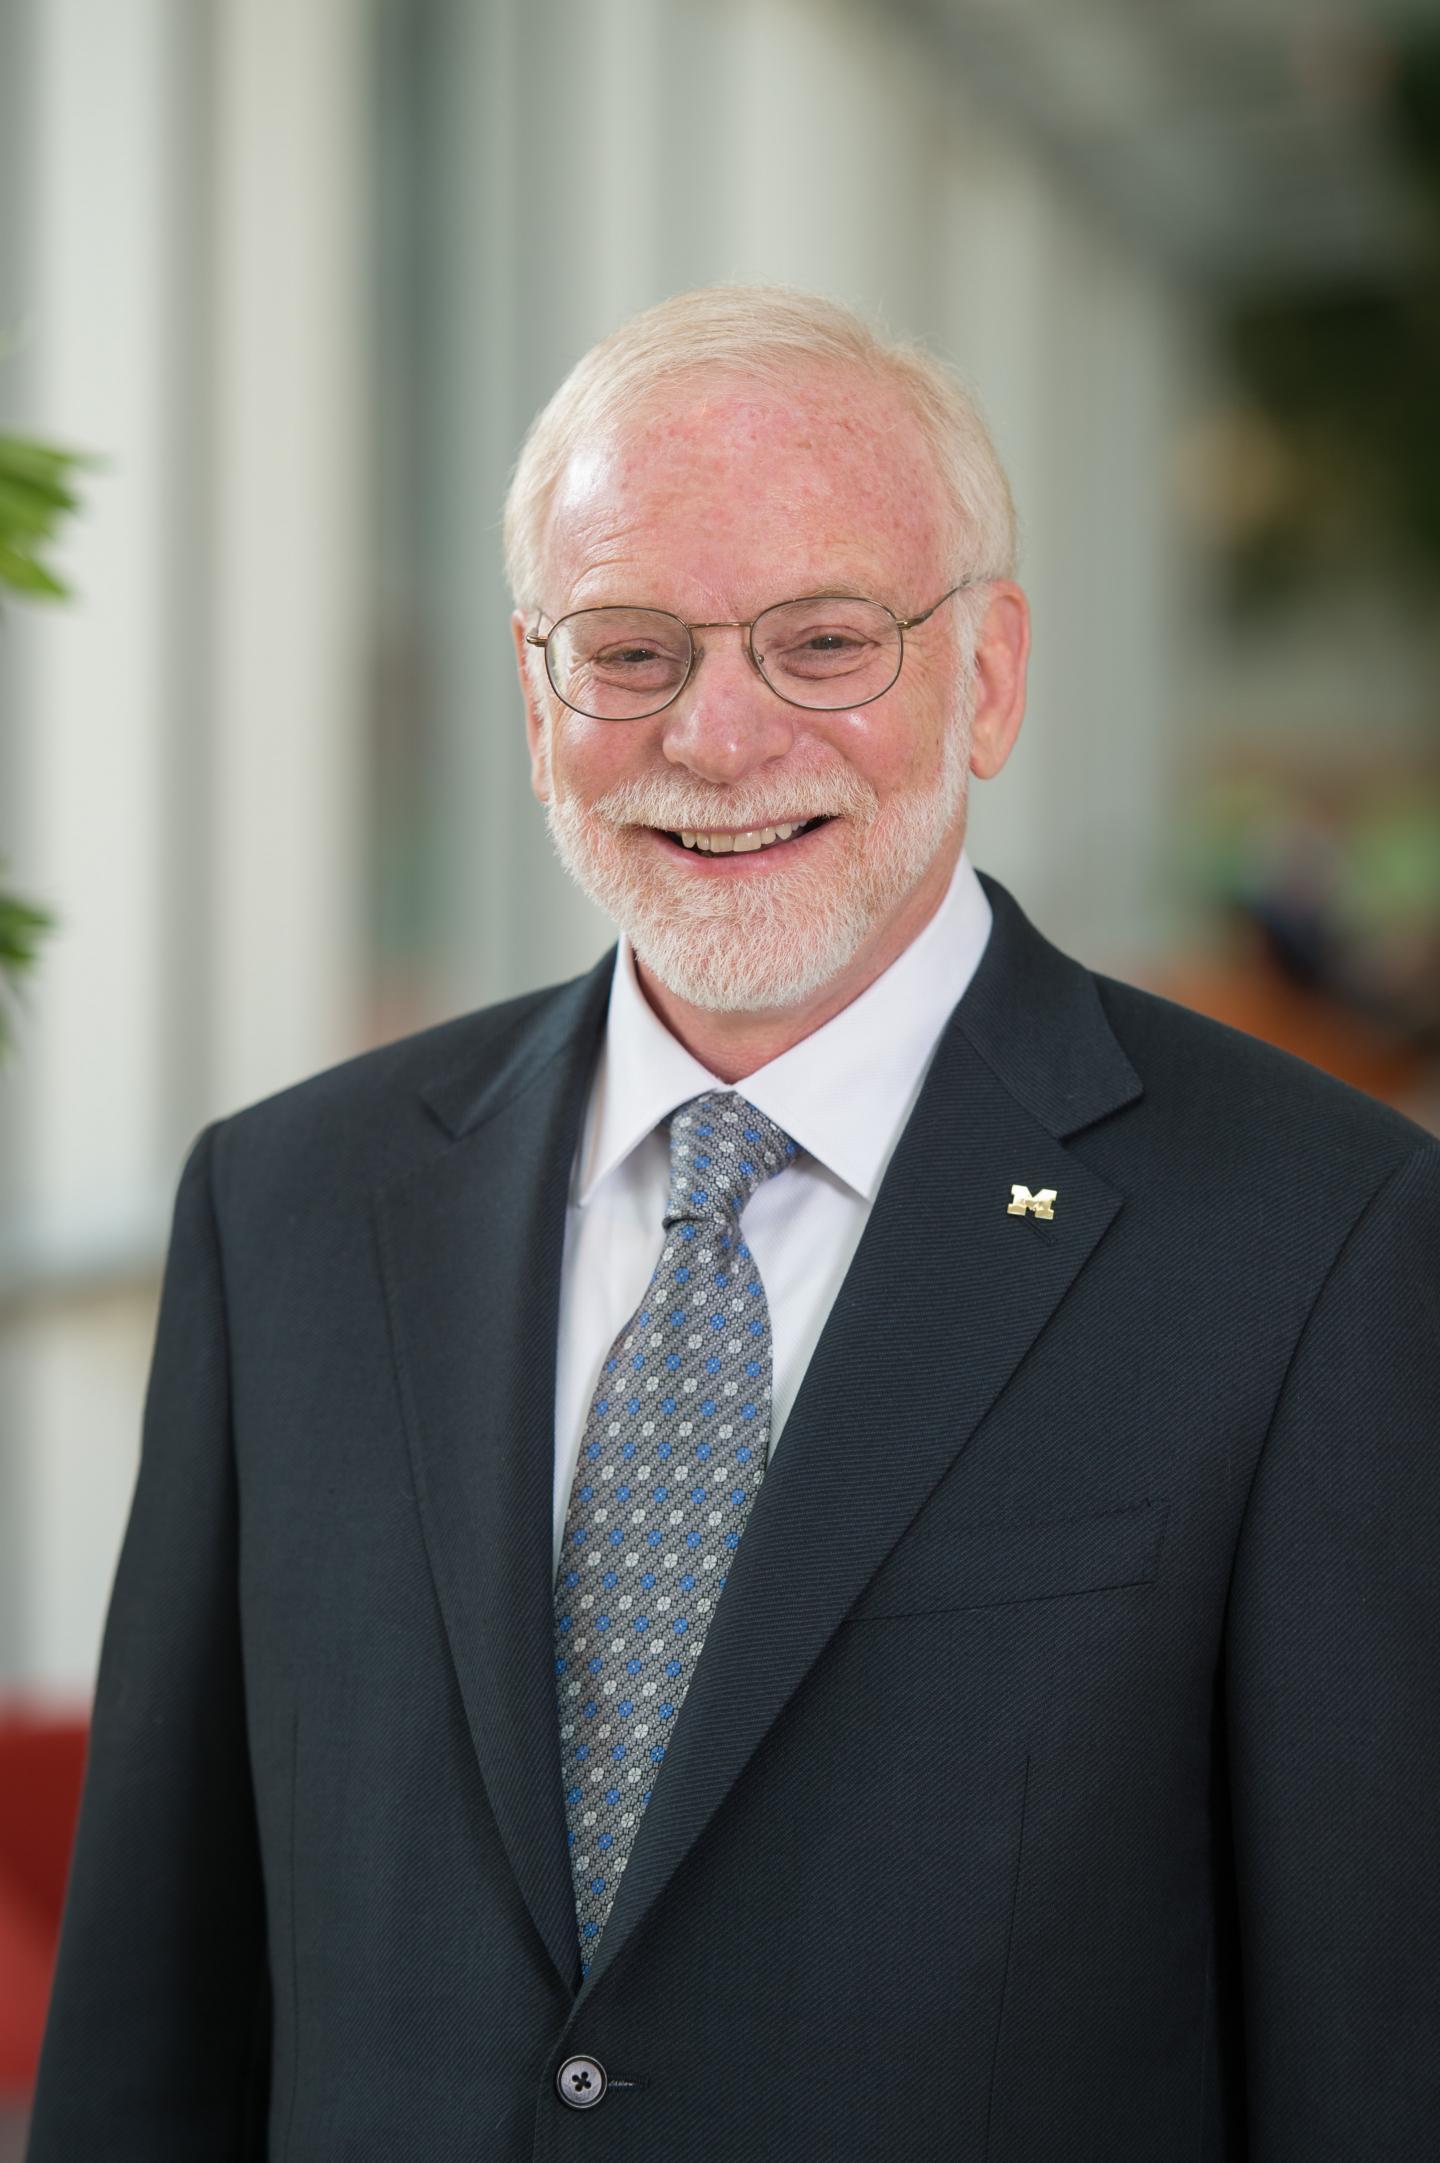 Max S. Wicha, Michigan Medicine